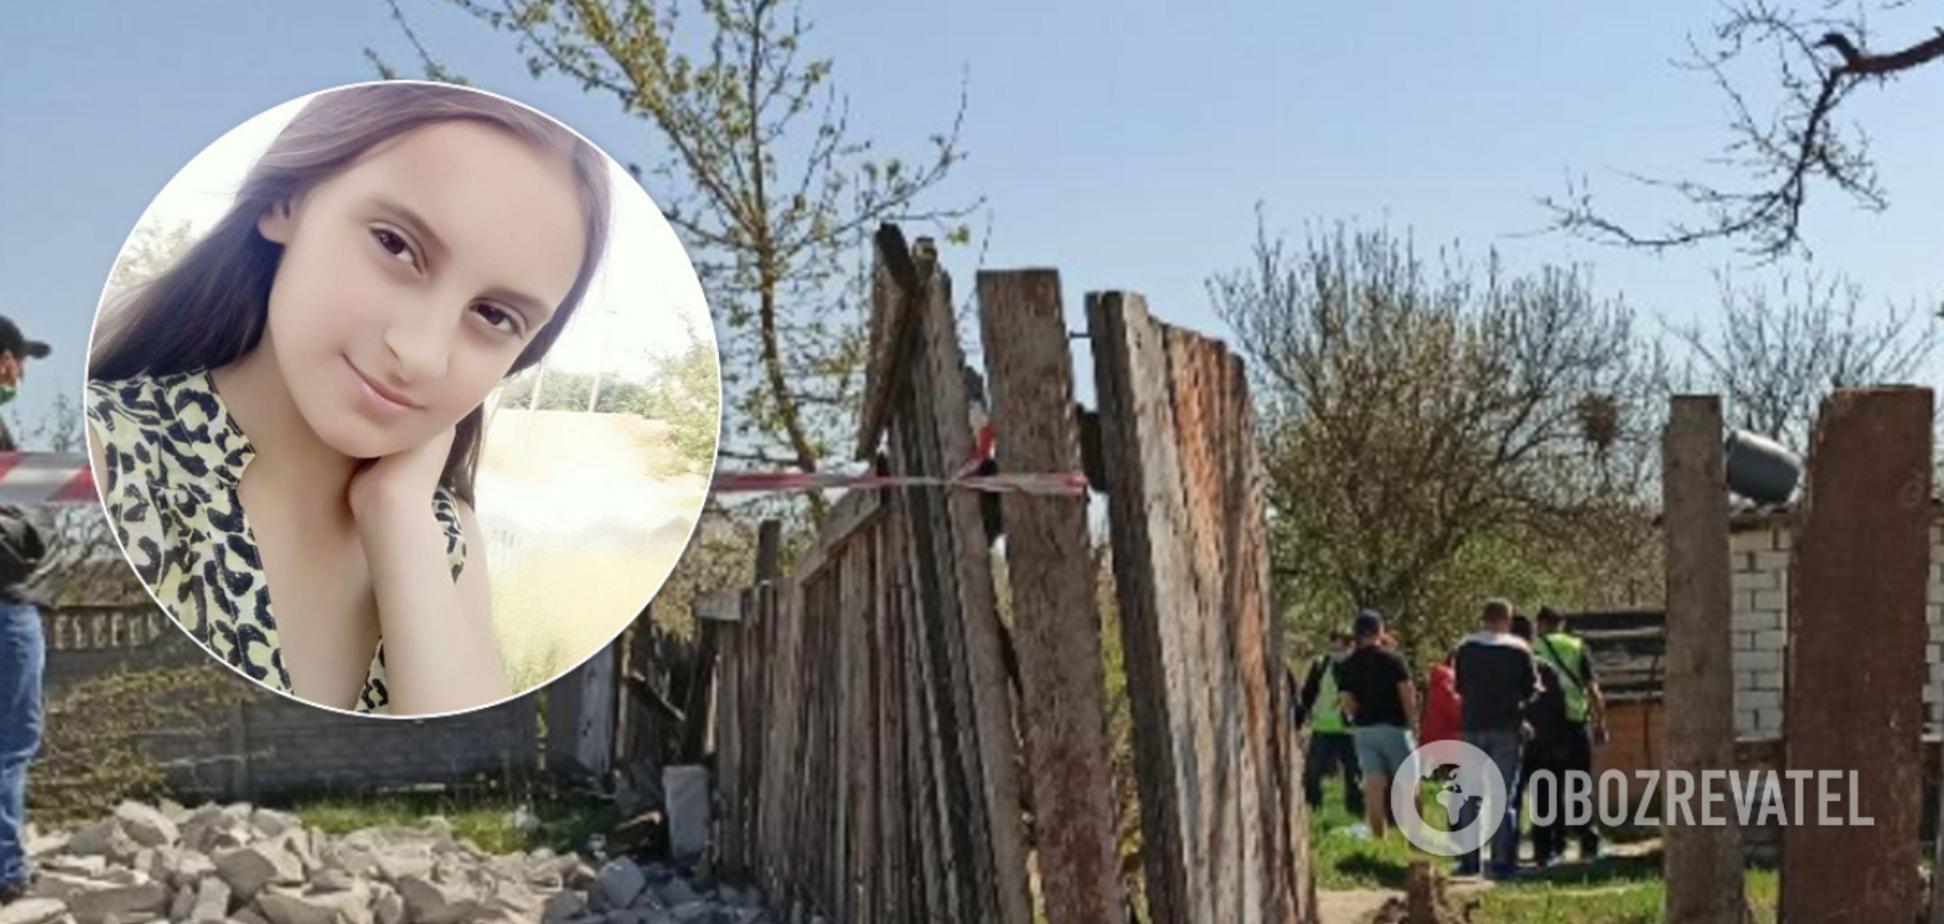 Знакомая семьи назвала вероятных убийц девочки под Харьковом